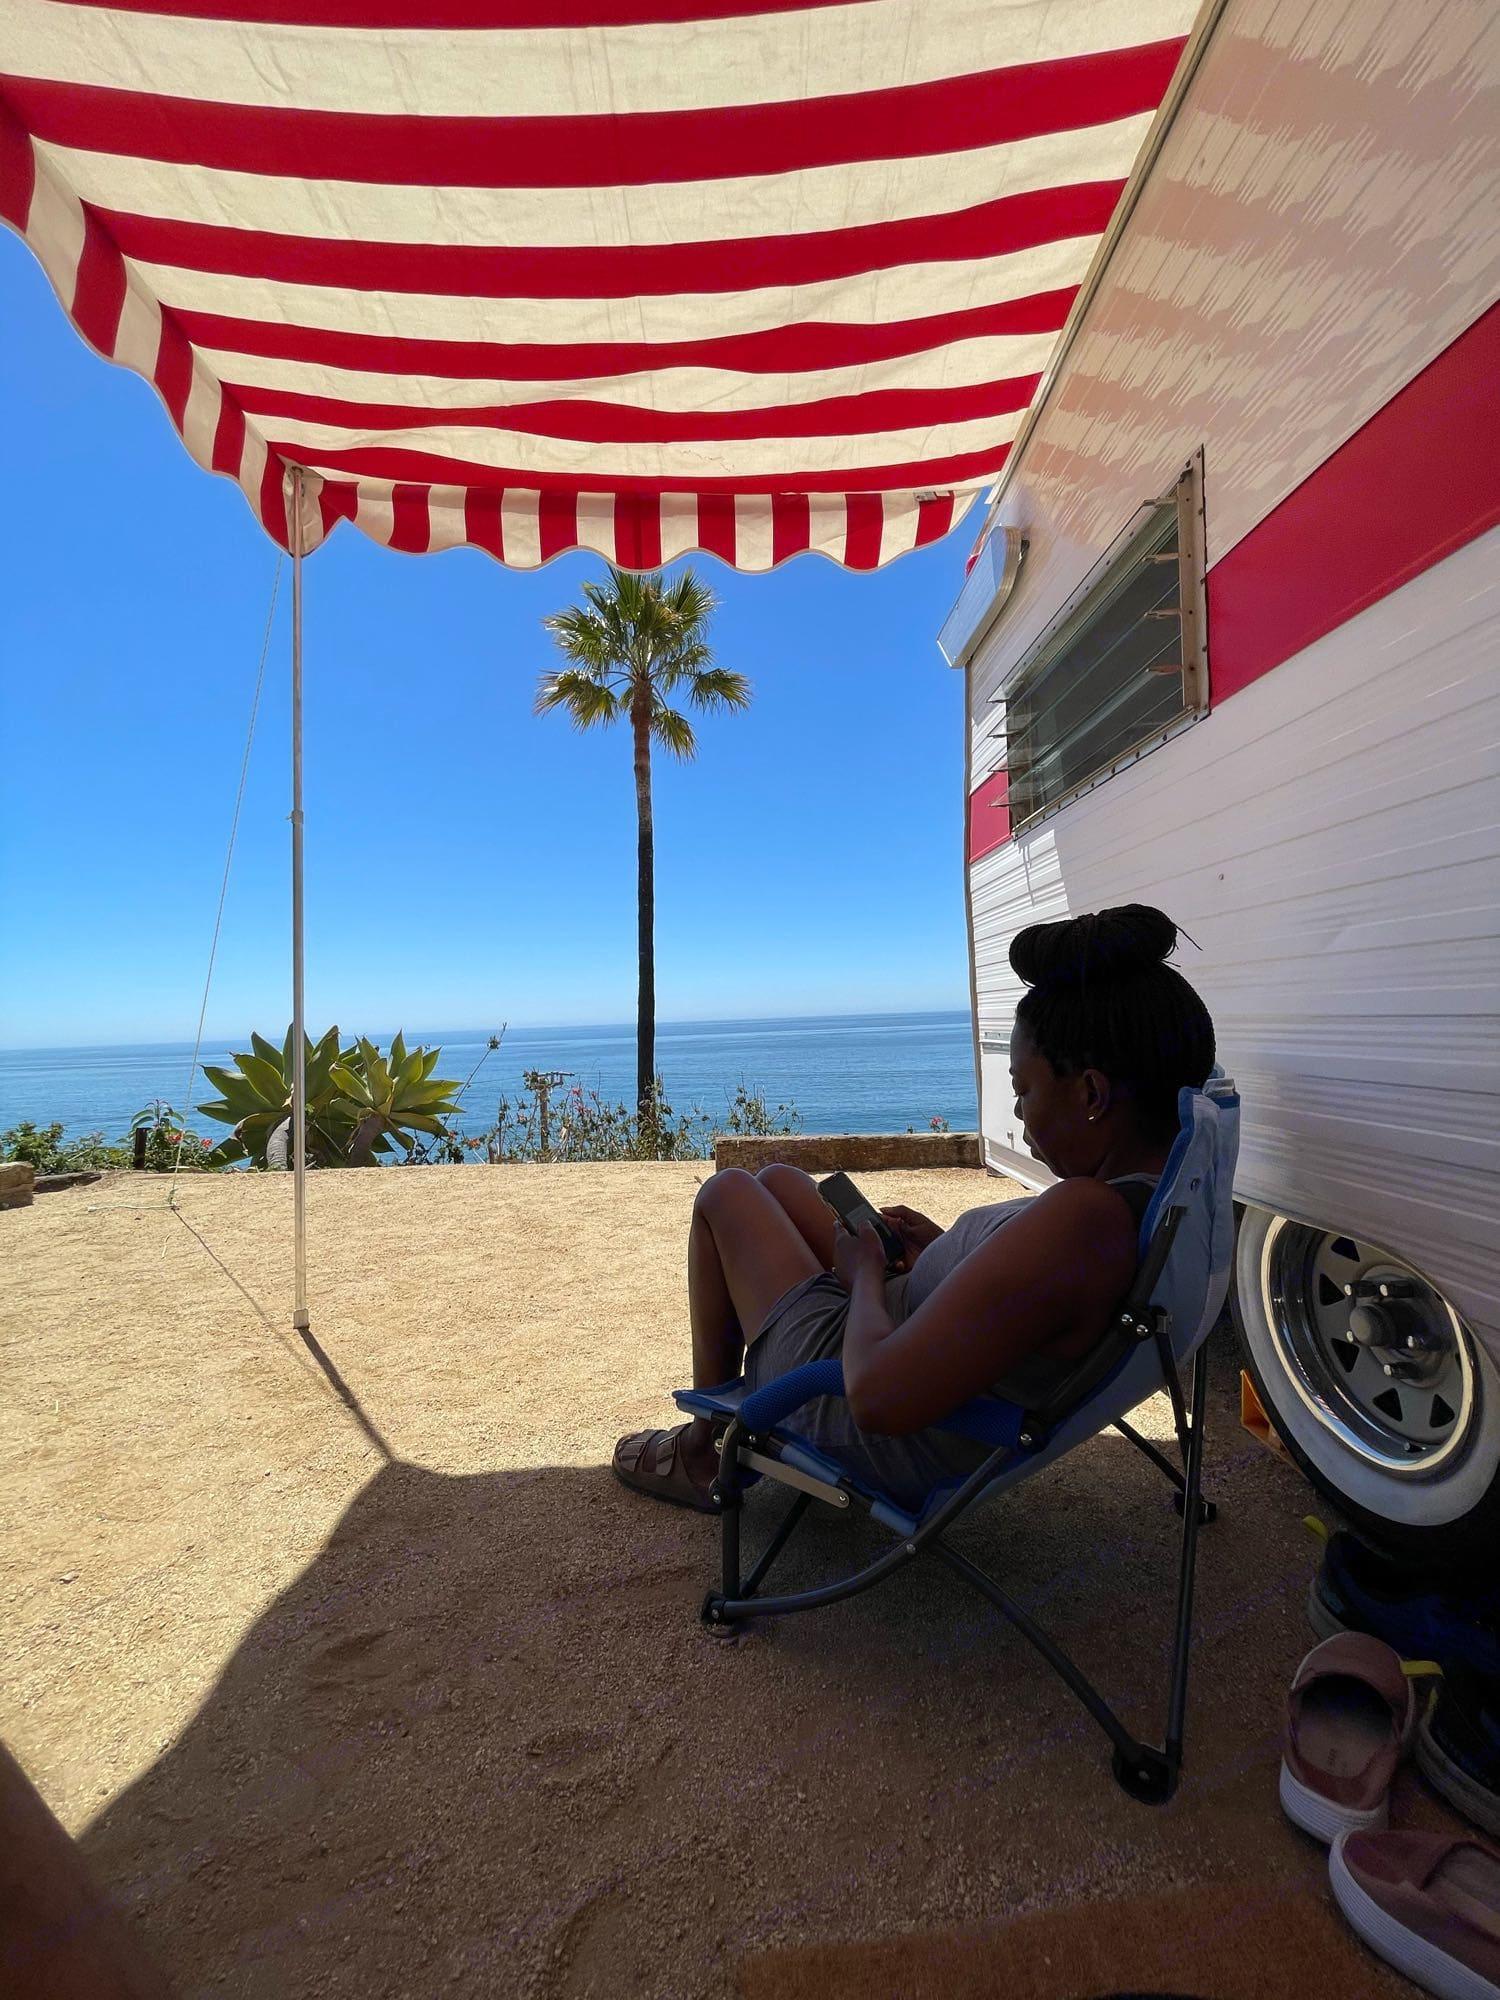 Malibu Beach RV Park. Shasta Other 1968